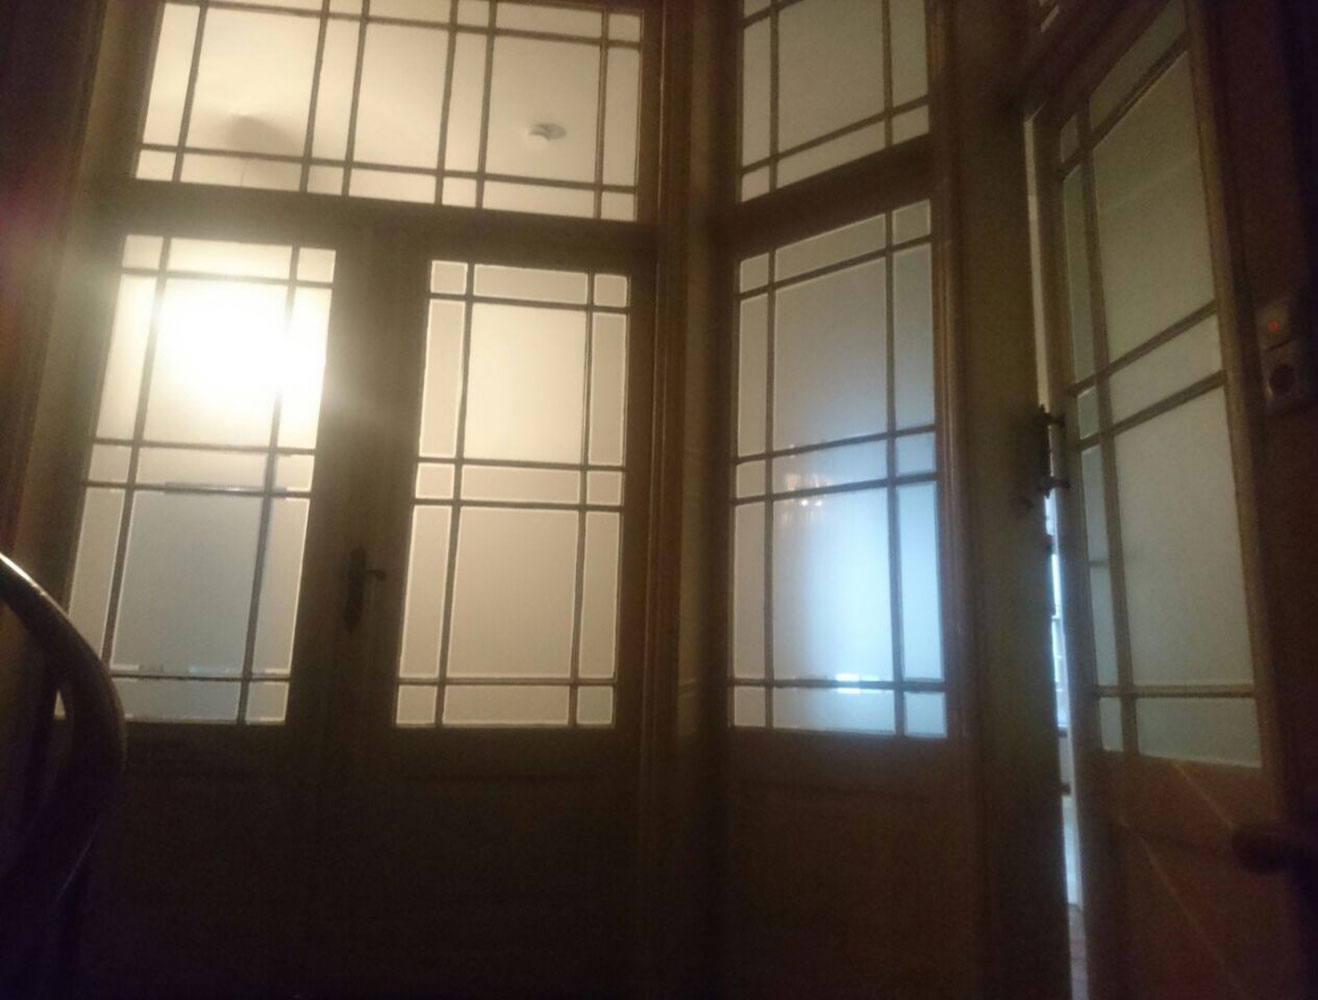 Full Size of Sichtschutzfolien Für Fenster Rehau Alte Kaufen Regale Keller Mit Eingebauten Rolladen Fliesen Dusche Veka Holz Alu Preise Auto Folie Sichern Gegen Einbruch Fenster Sichtschutzfolien Für Fenster